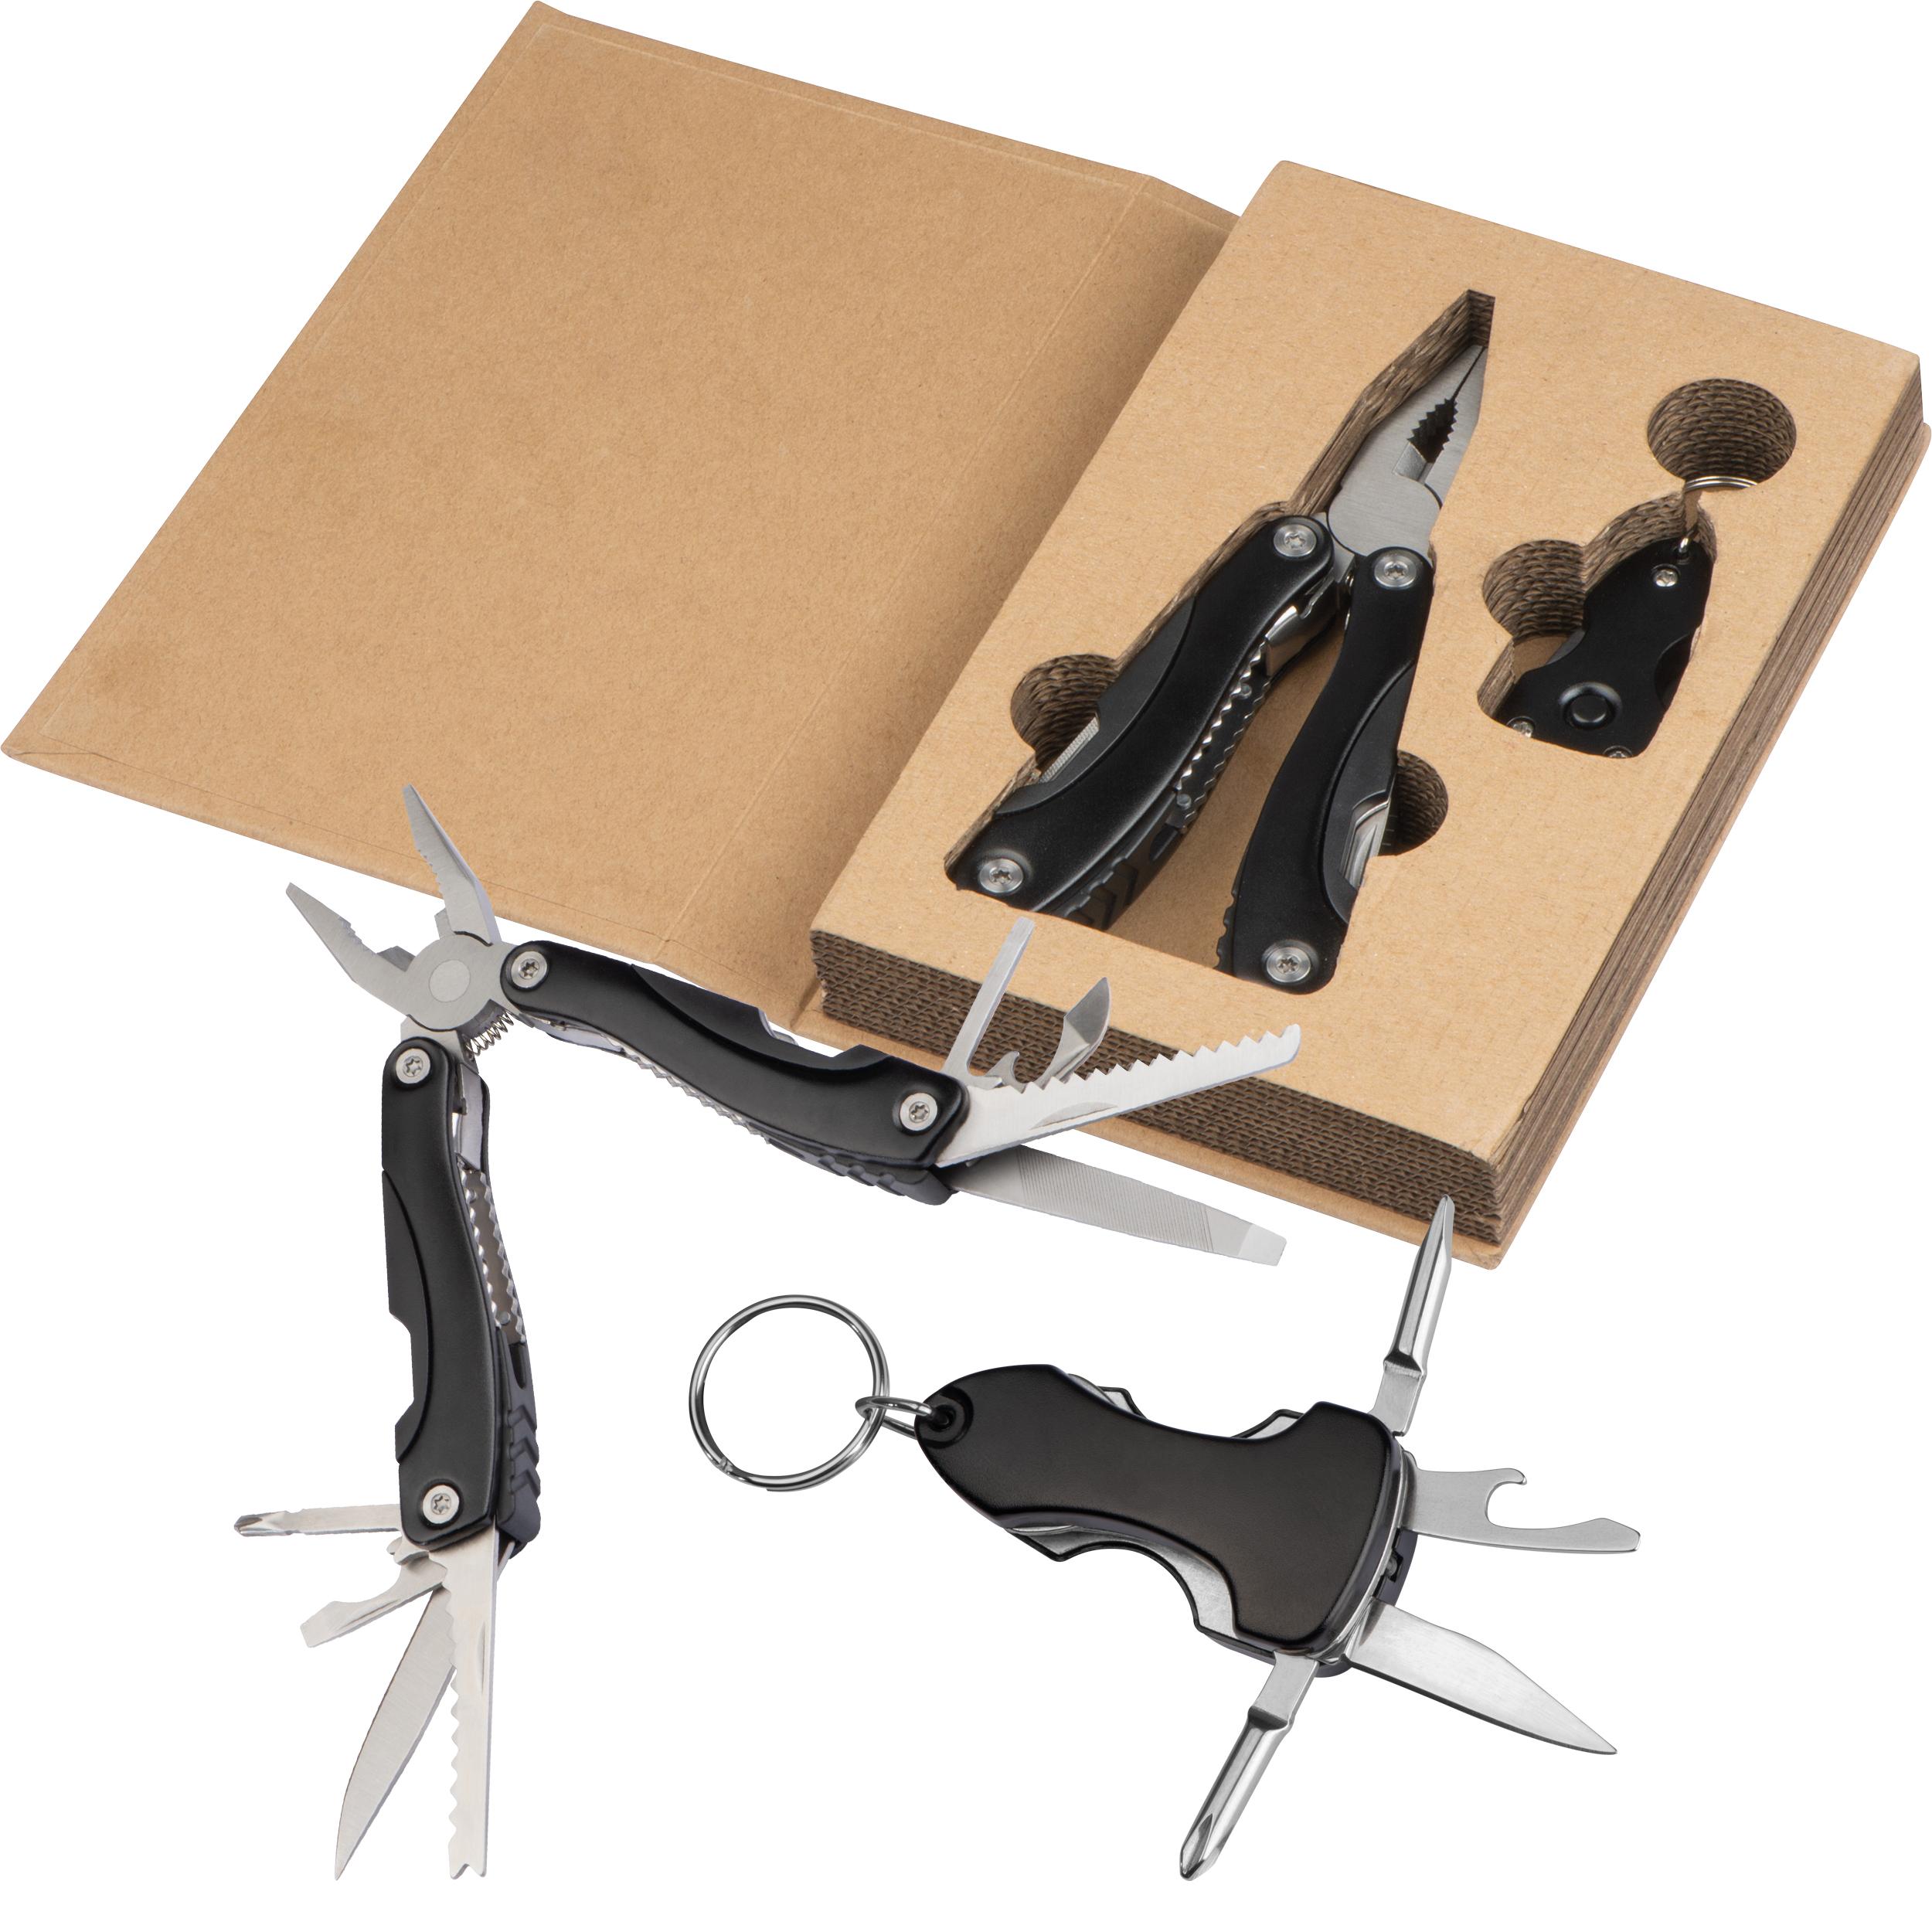 Ensemble d'outils dans une boîte en carton